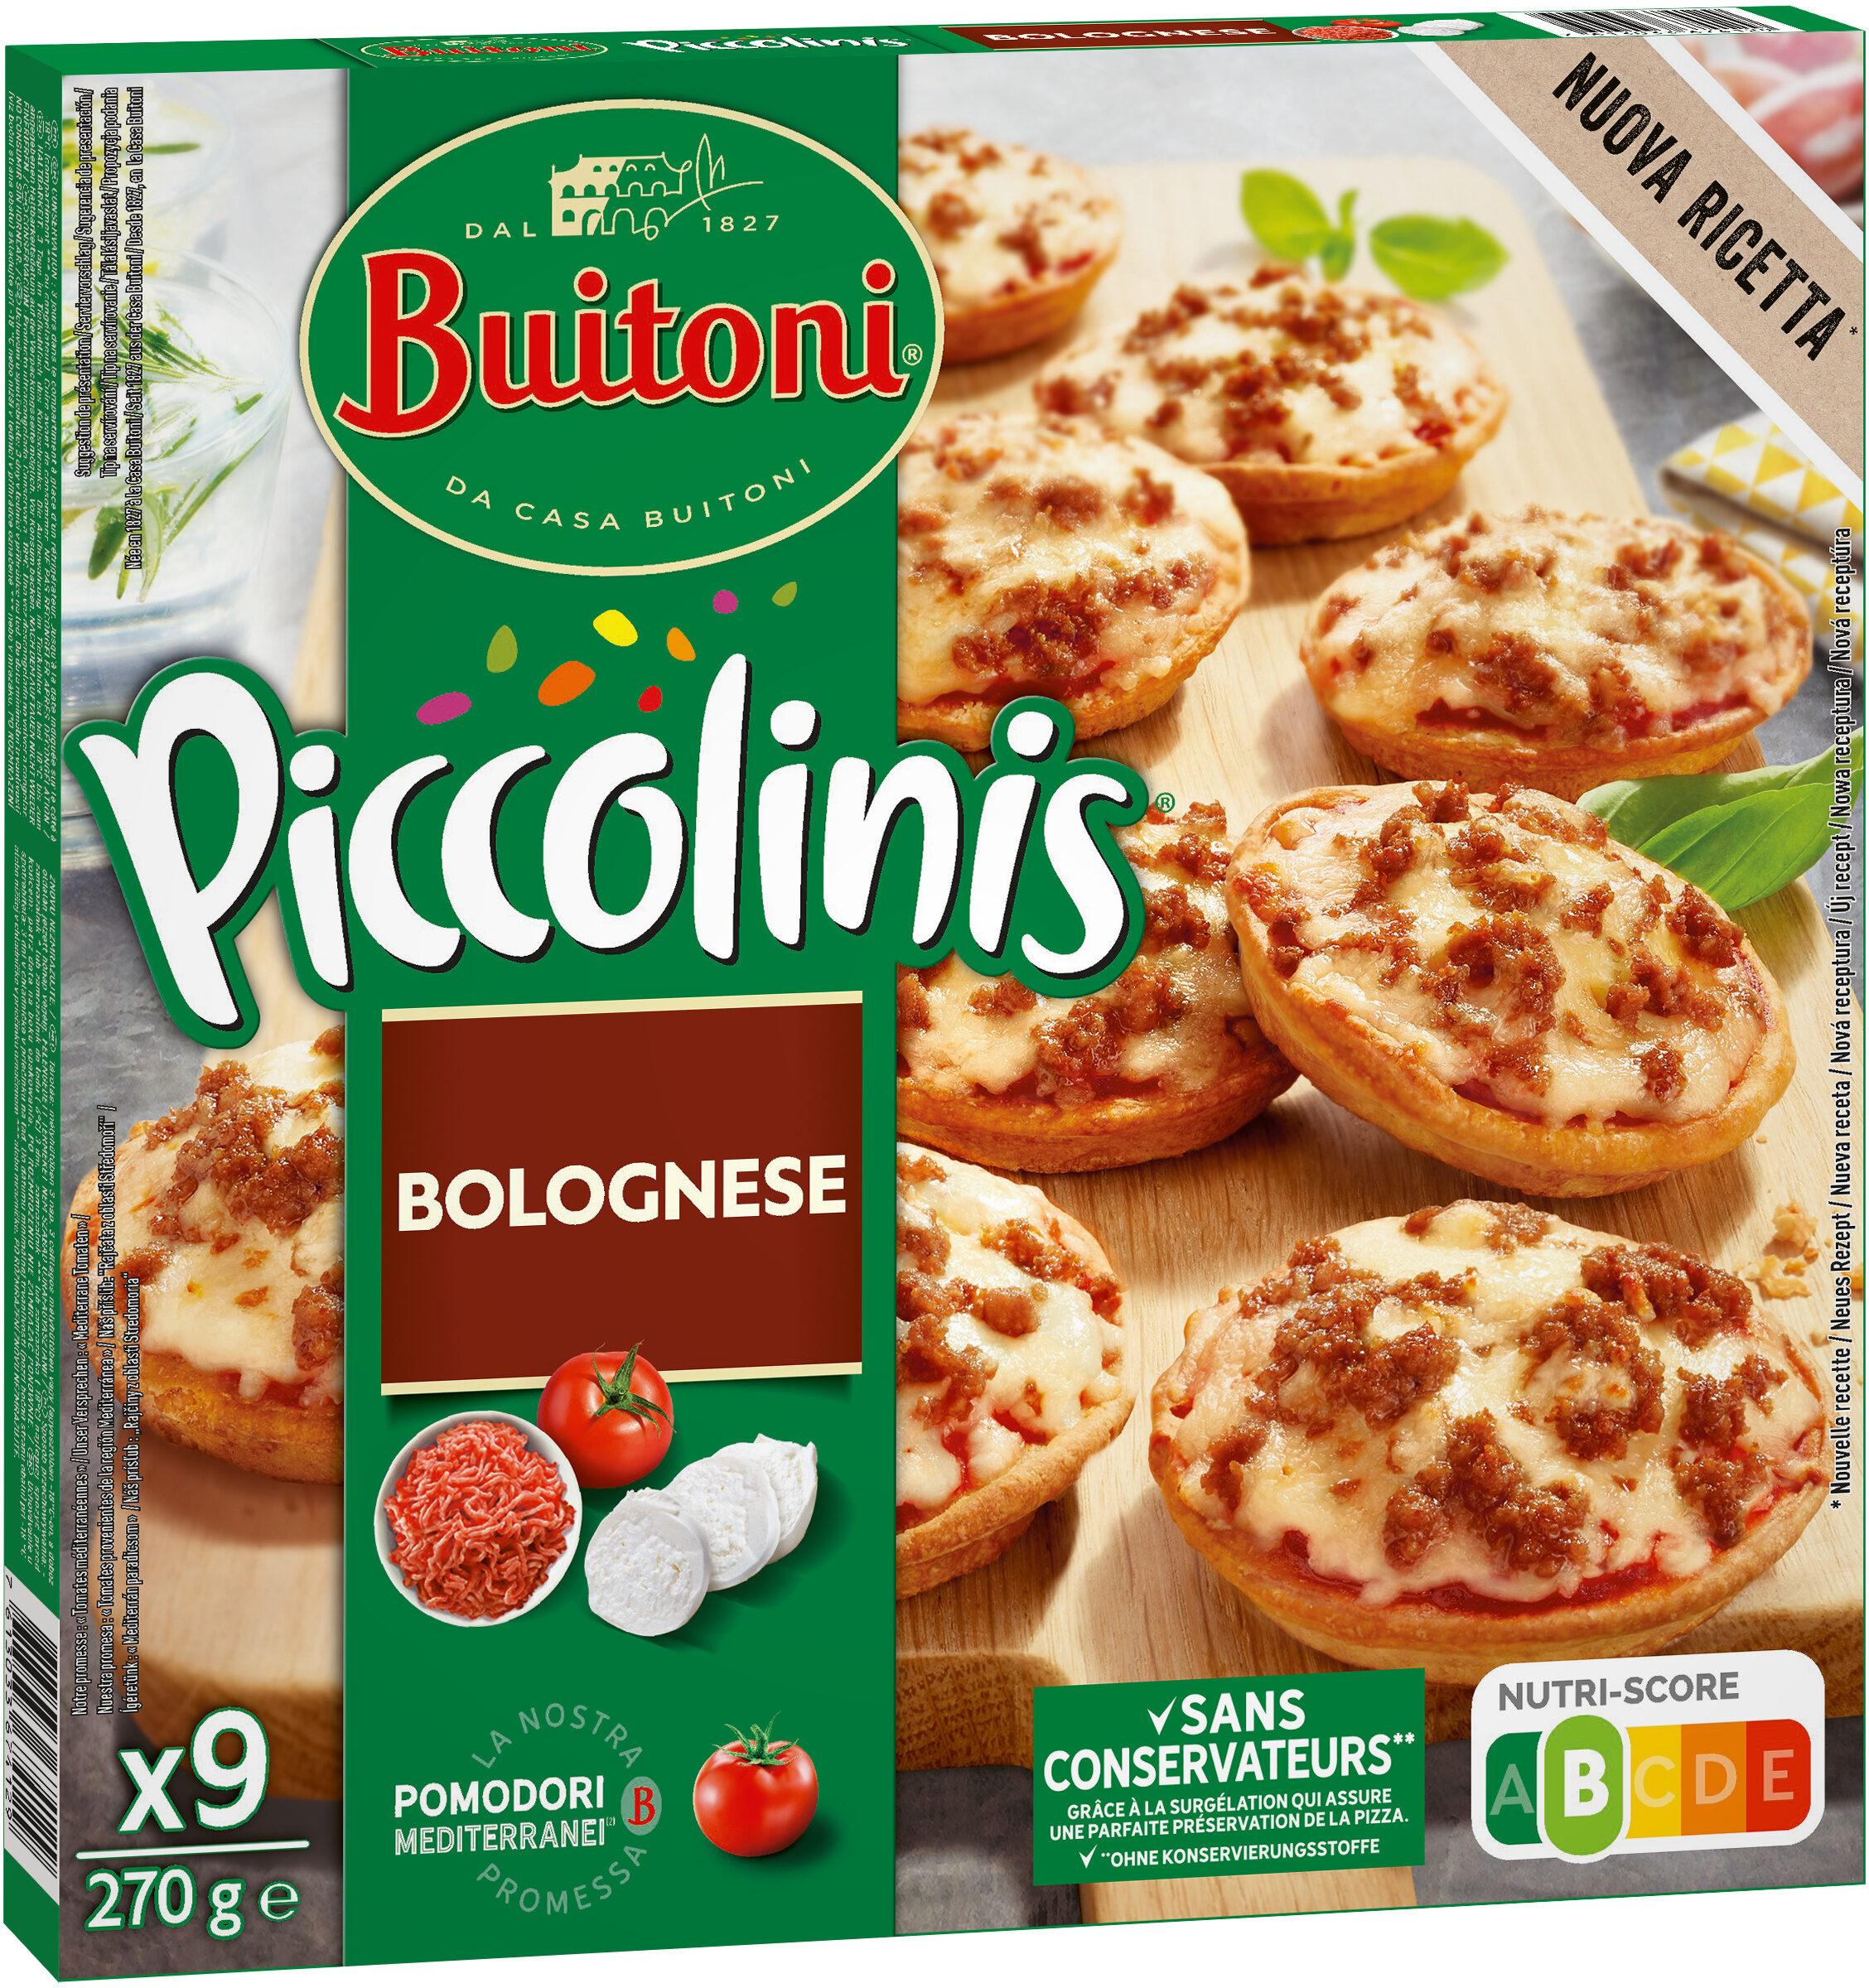 BUITONI PICCOLINIS mini-pizzas surgelées Bolognese 9x30g ( - Produit - fr